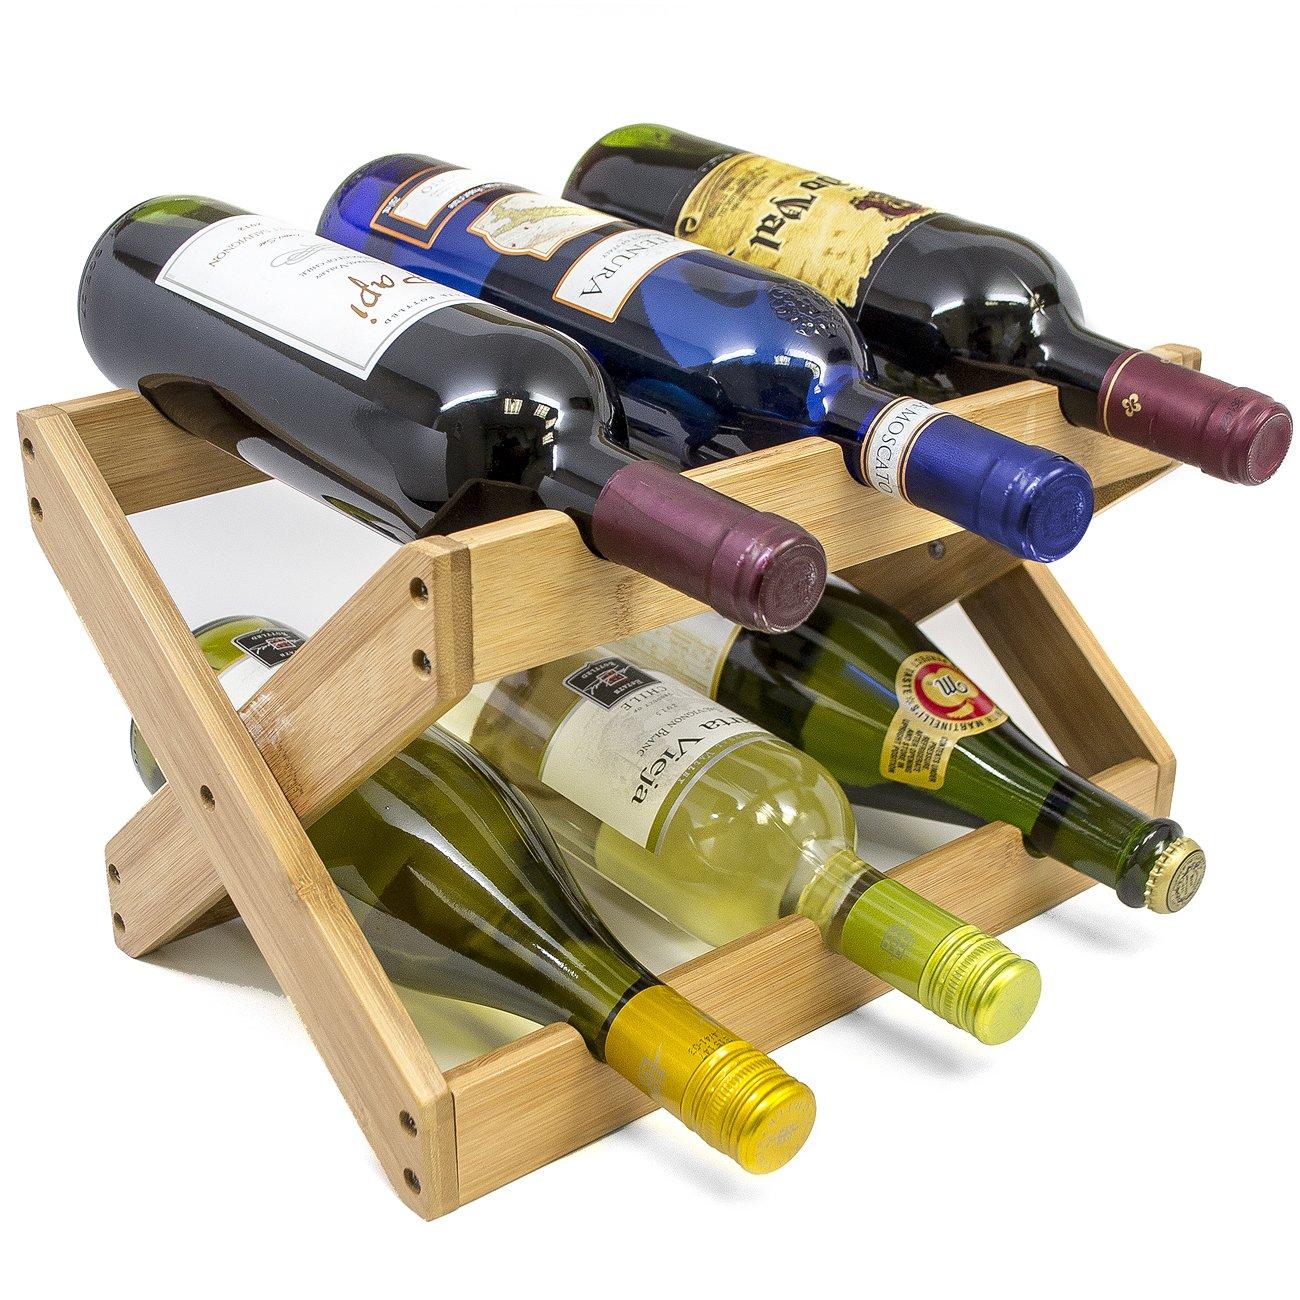 shop amazoncomtabletop wine racks - sorbus bamboo foldable countertop wine rack bottles (bamboo)